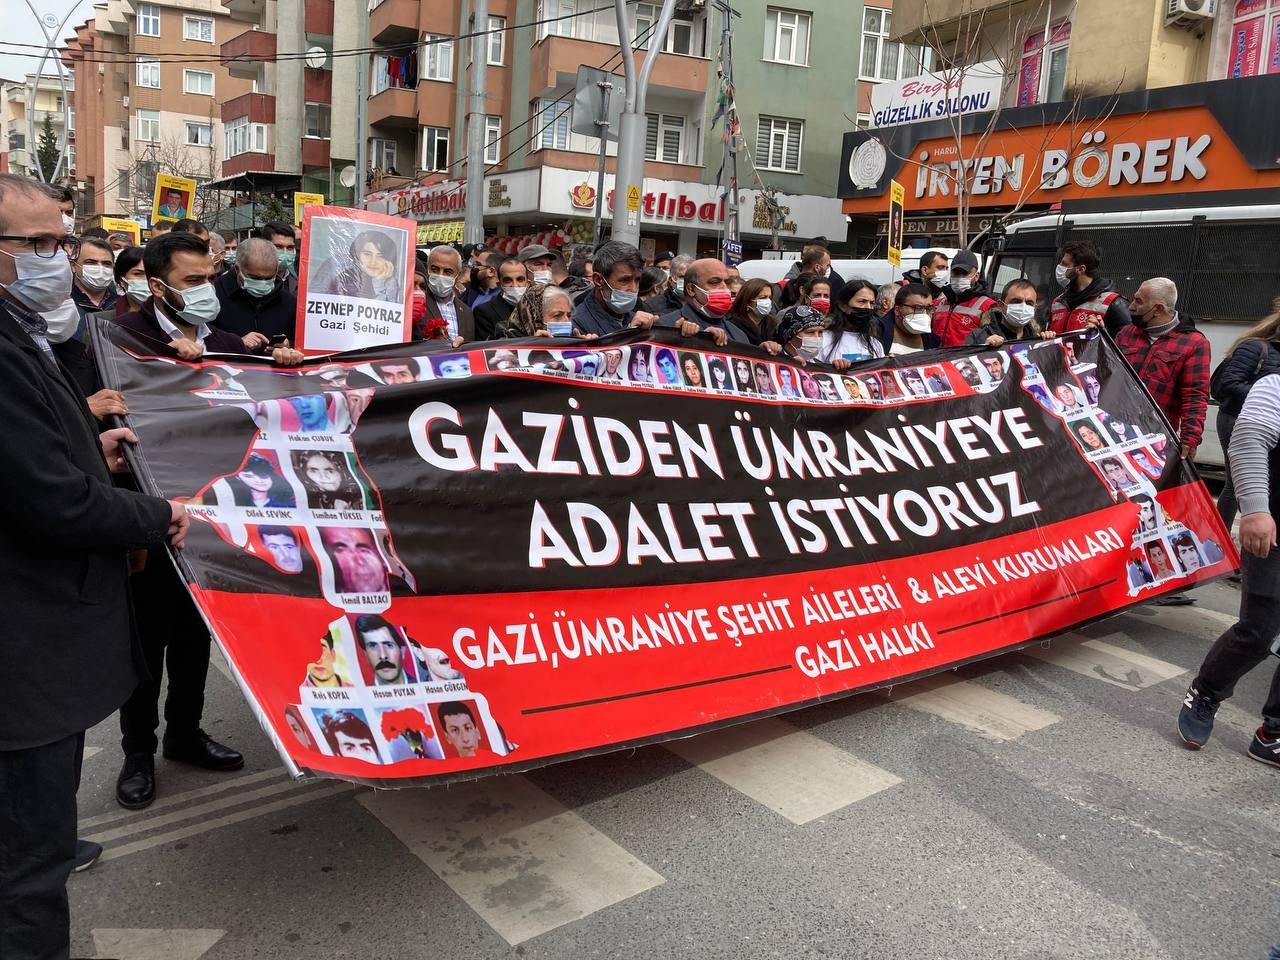 Gazi ve Ümraniye Katliamı Şehitleri için yürüyüş başladı